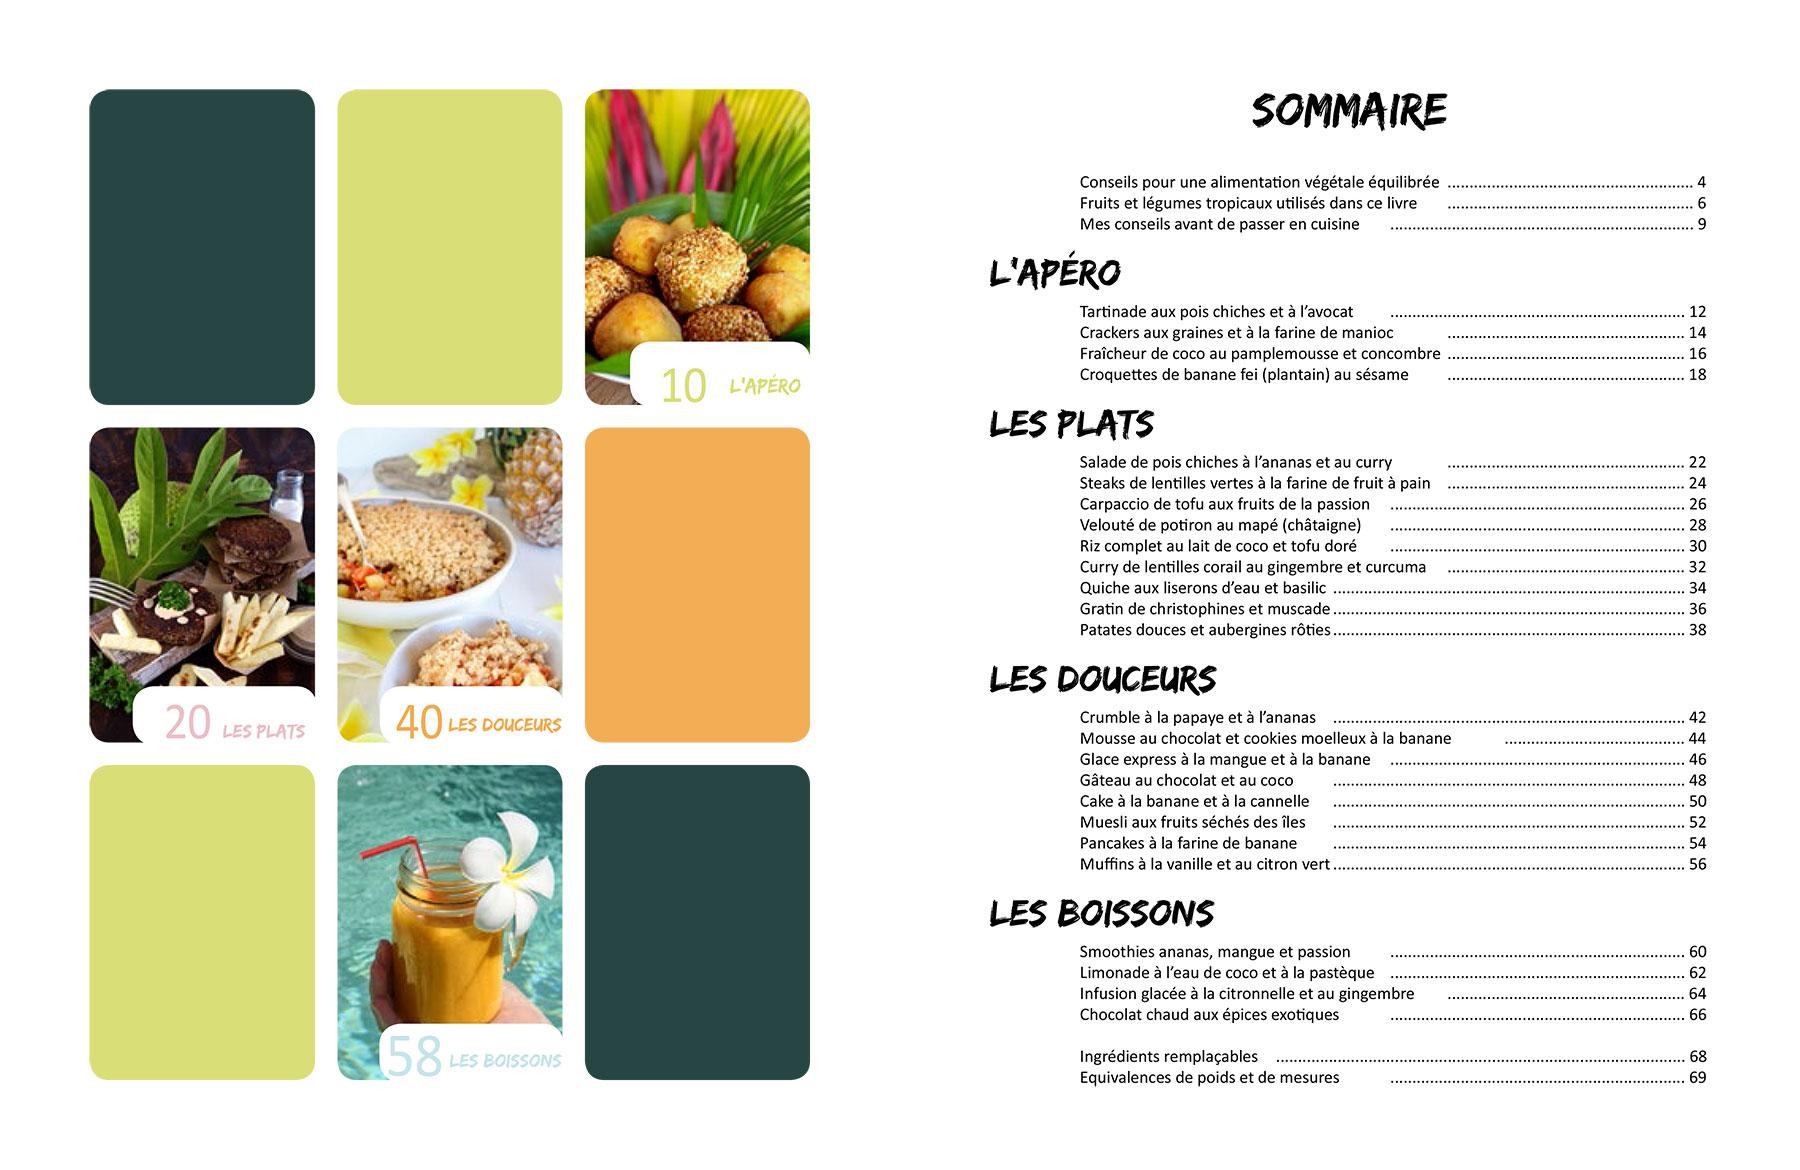 Sommaire du livre Vegan à Tahiti, 25 recettes faciles.